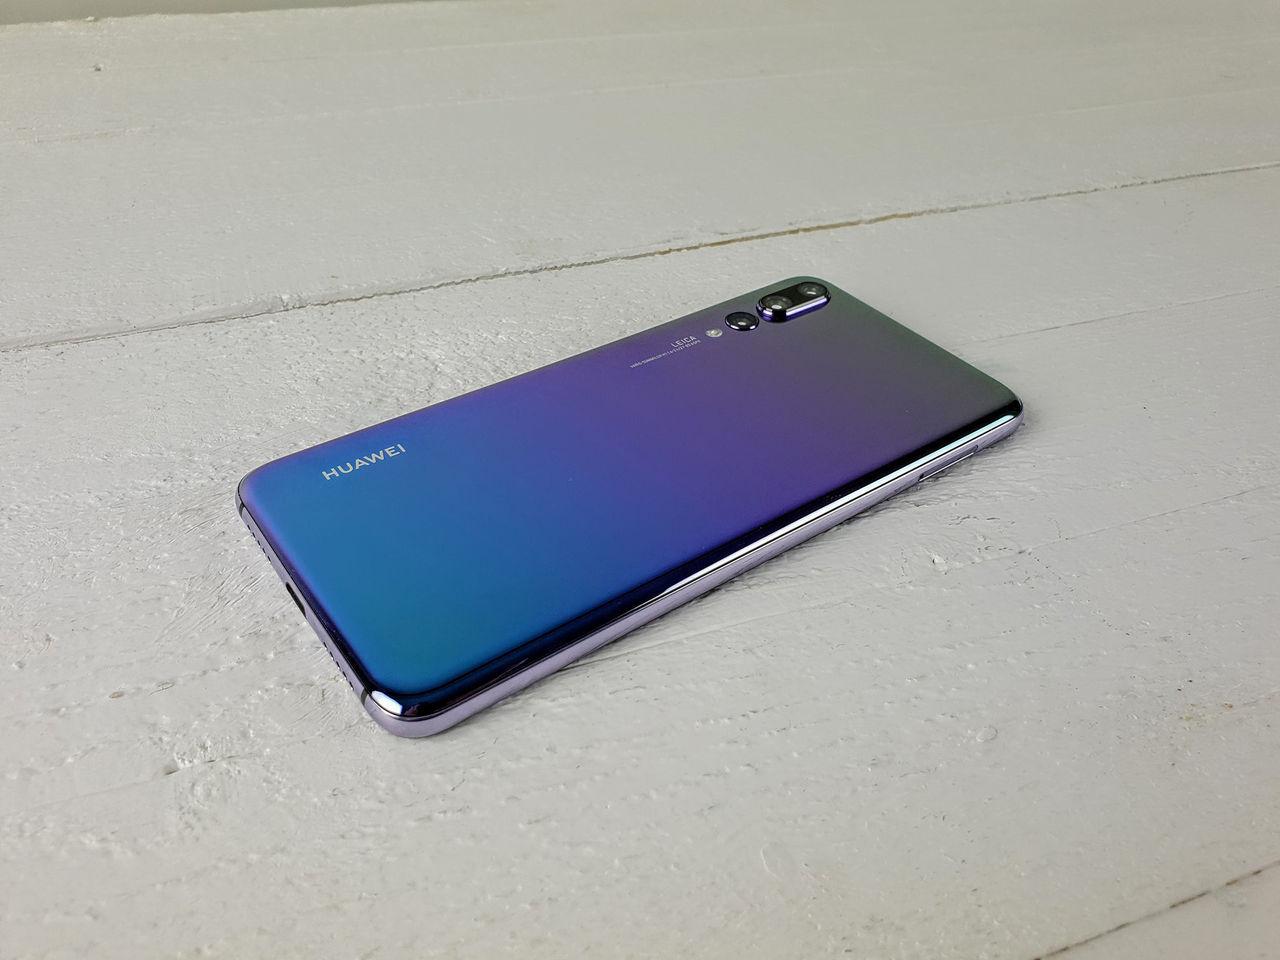 Populære Huawei börjar rulla ut EMUI 9 till fler telefoner. Android 9 IW-86